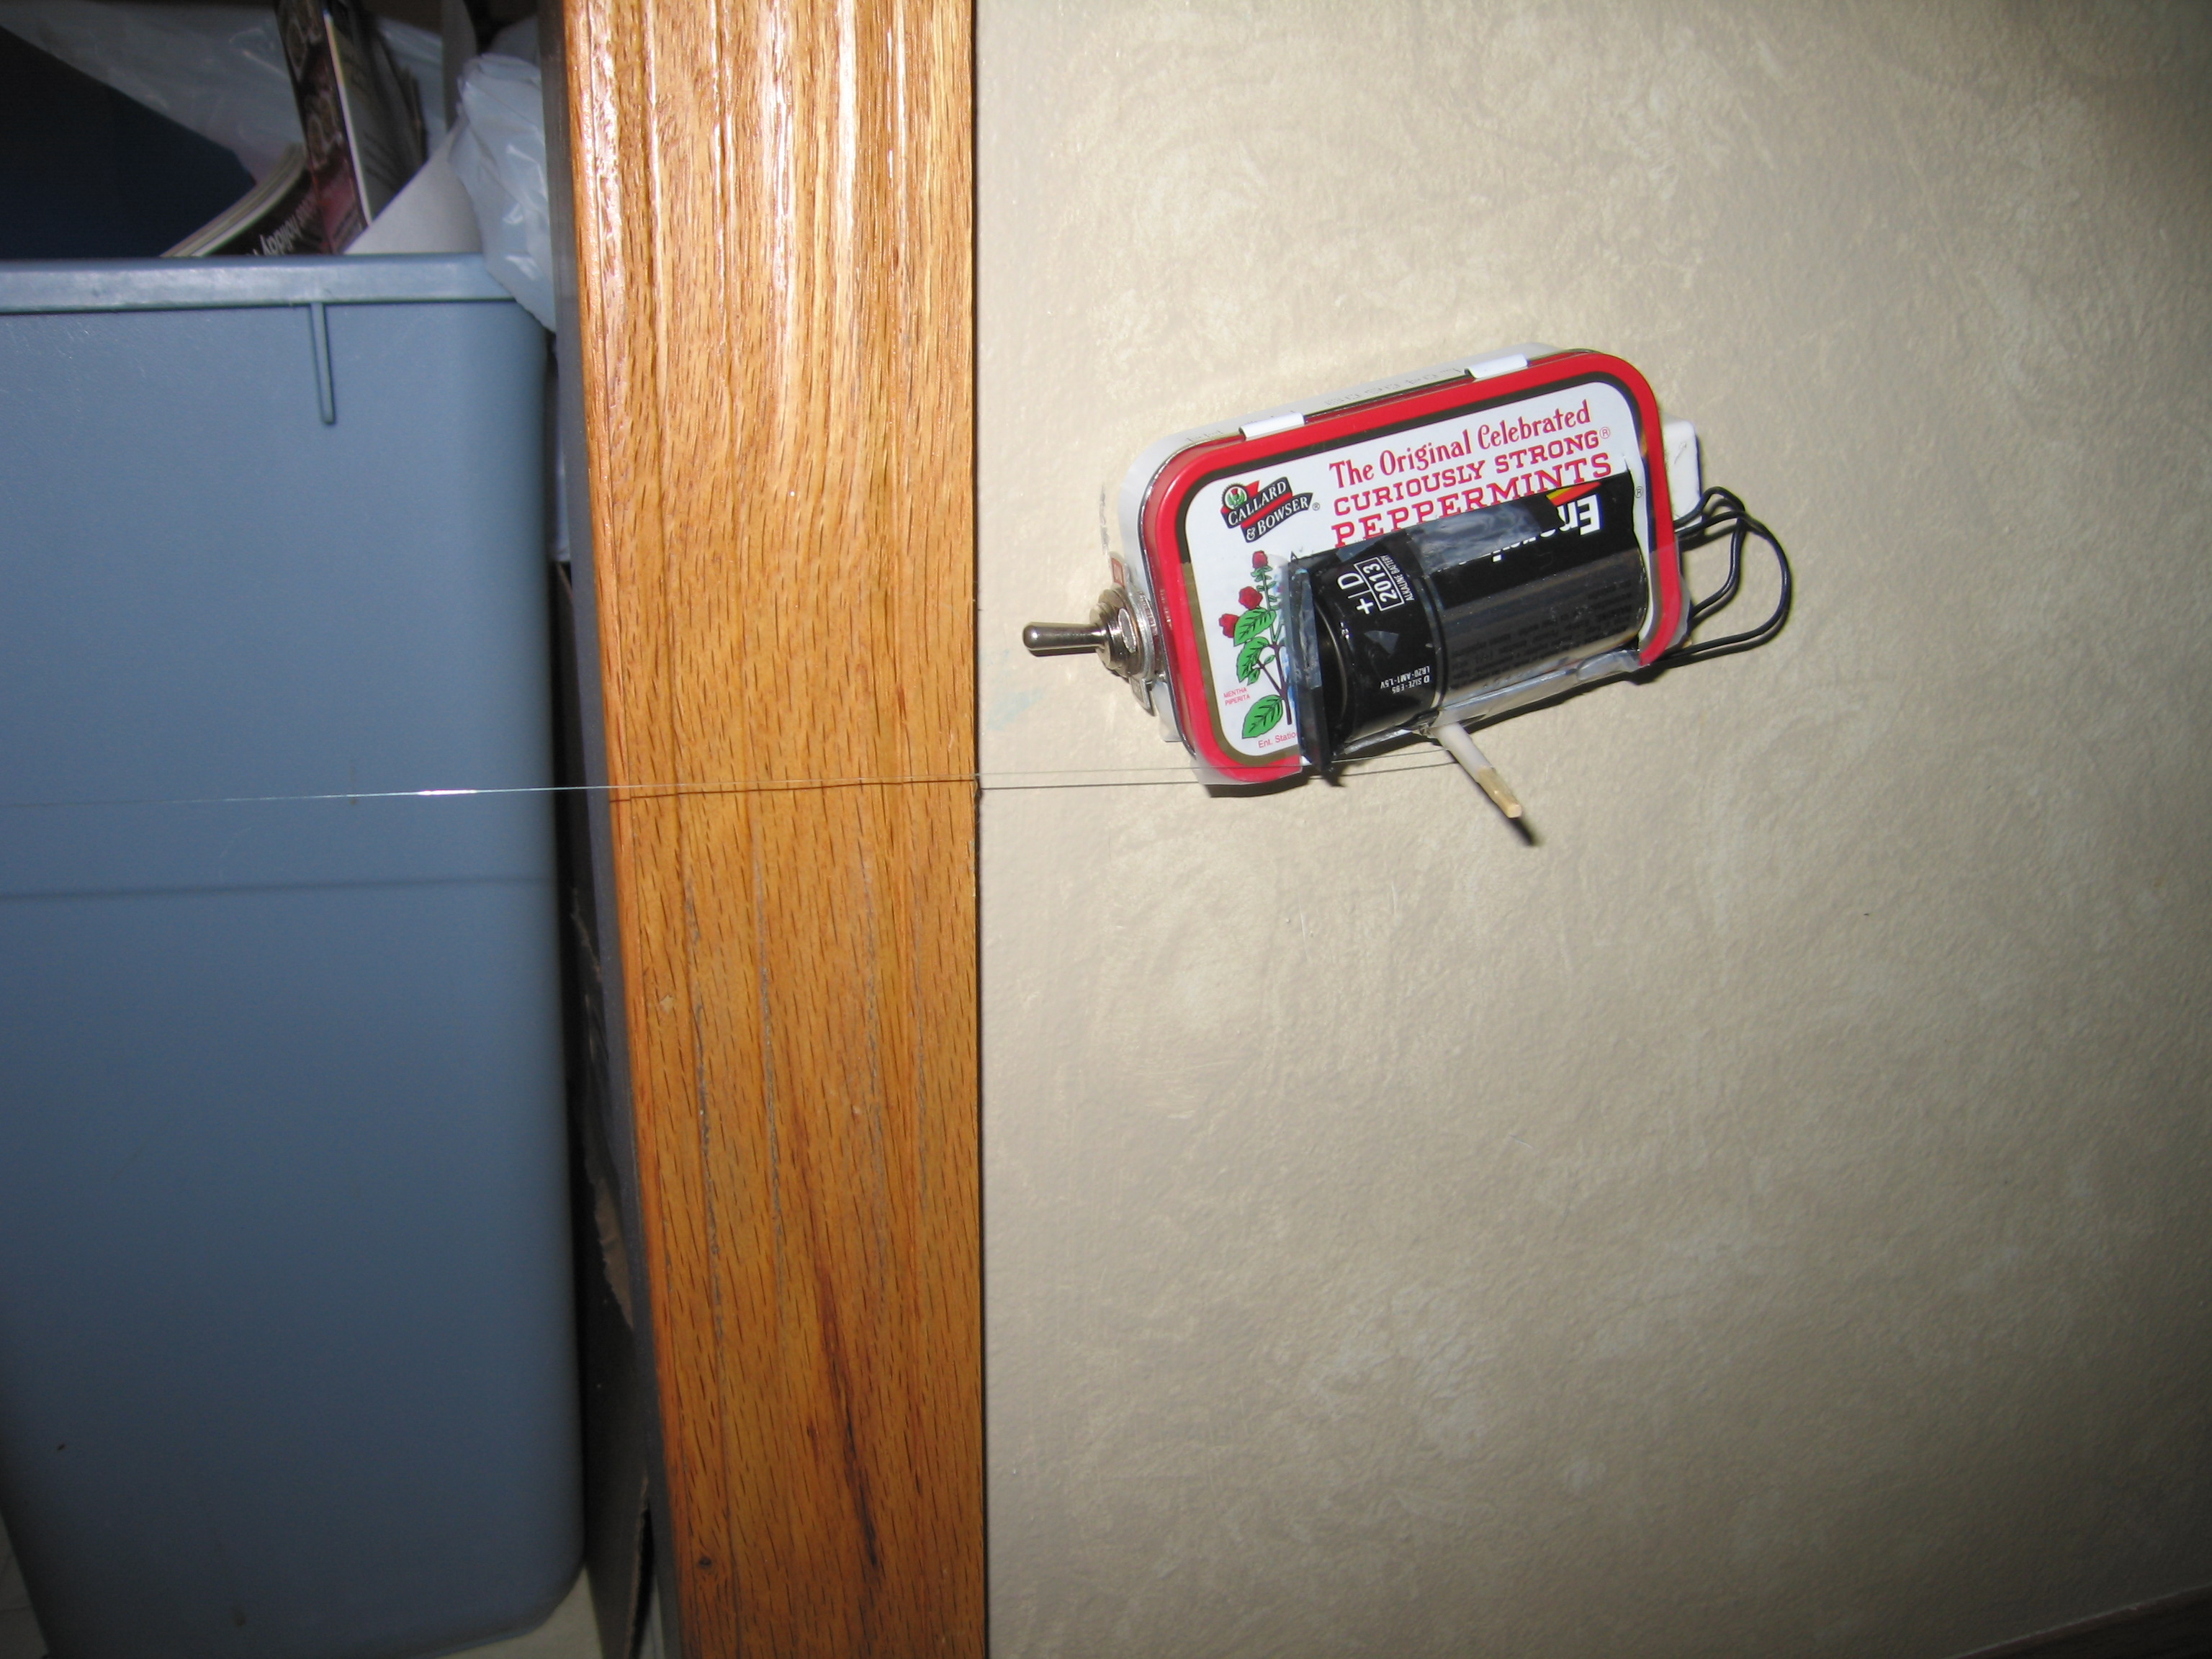 Portable tripwire